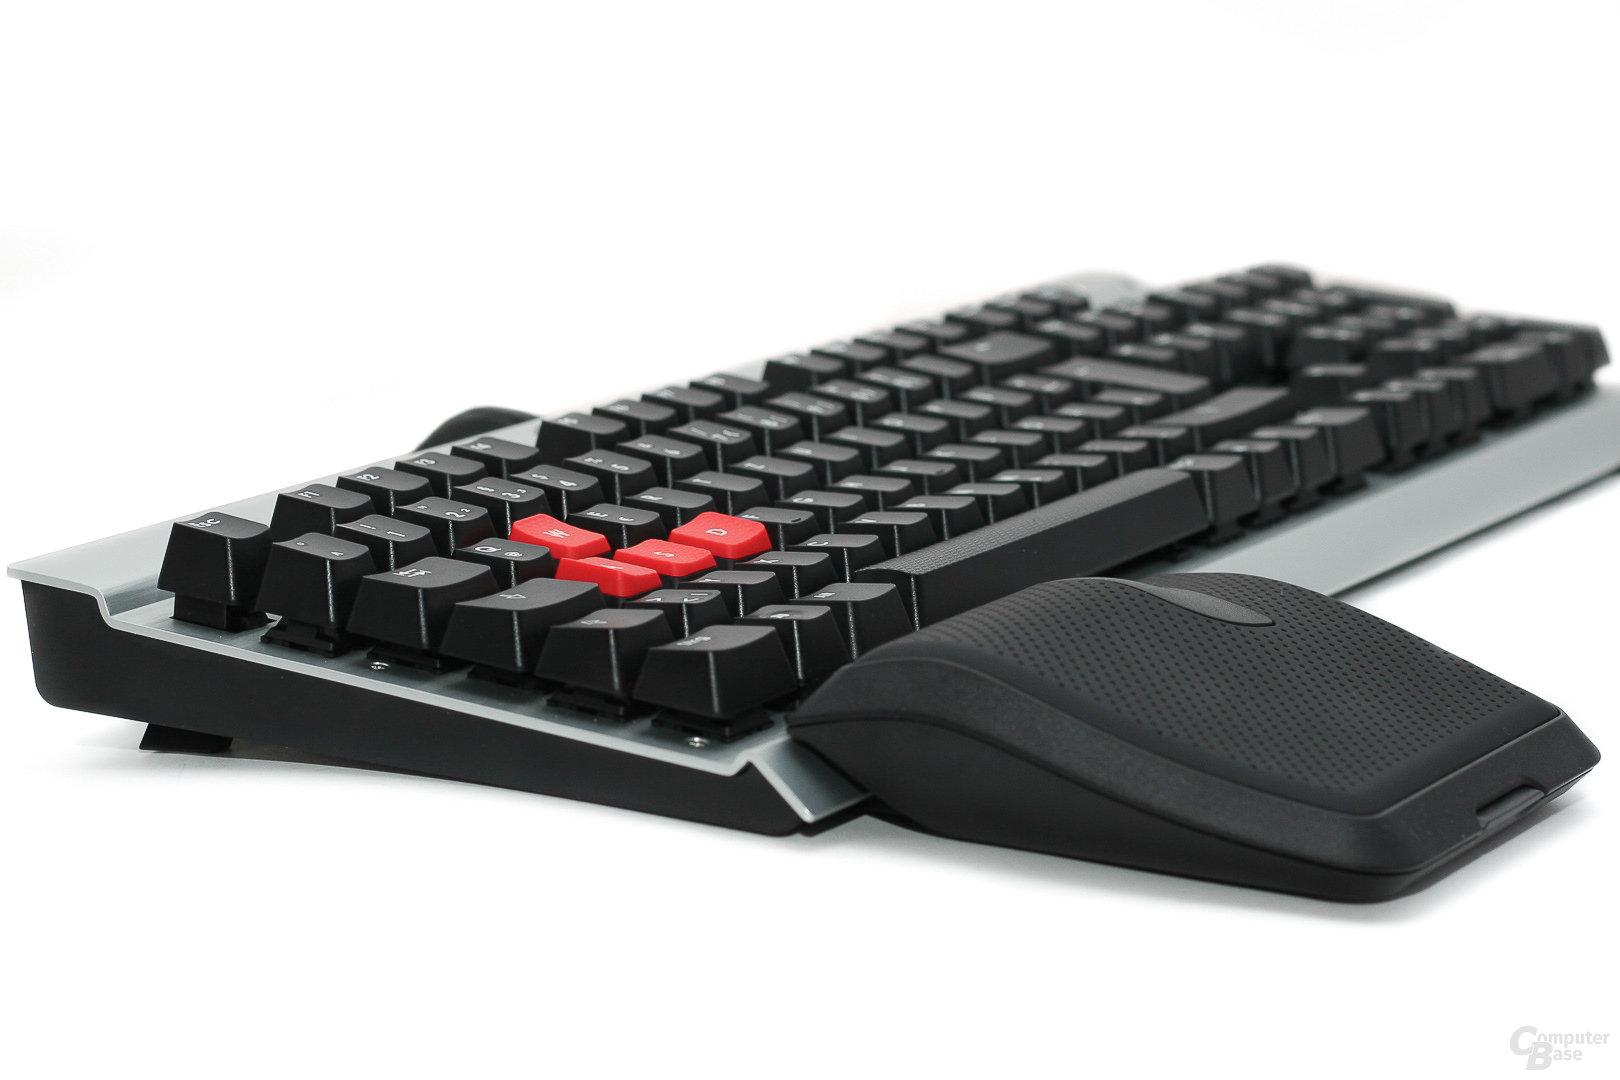 Corsair K60 – Gamer-Caps